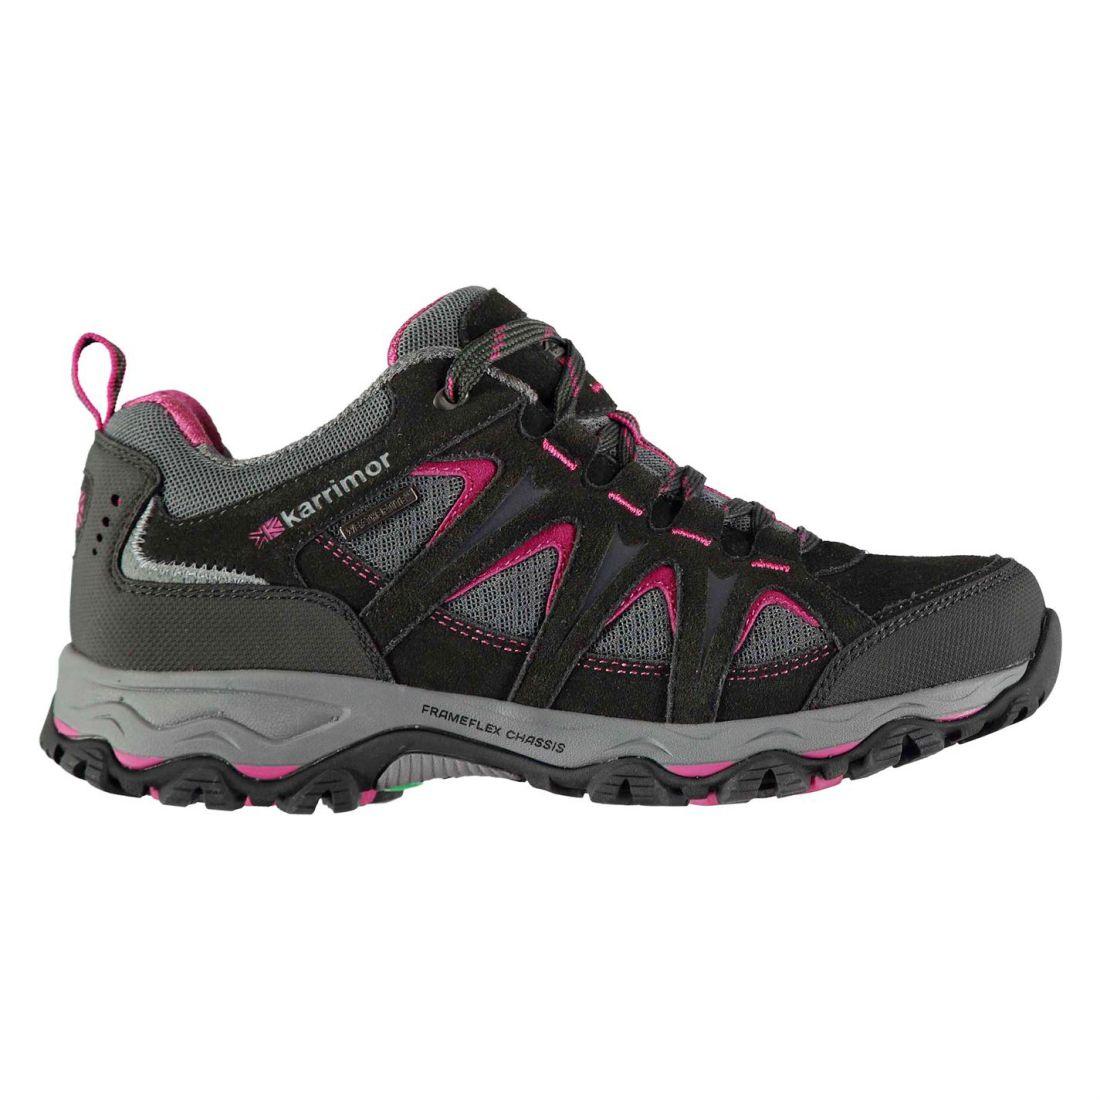 Karrimor Womens Mount Low Ladies Walking Shoes Waterproof -9303